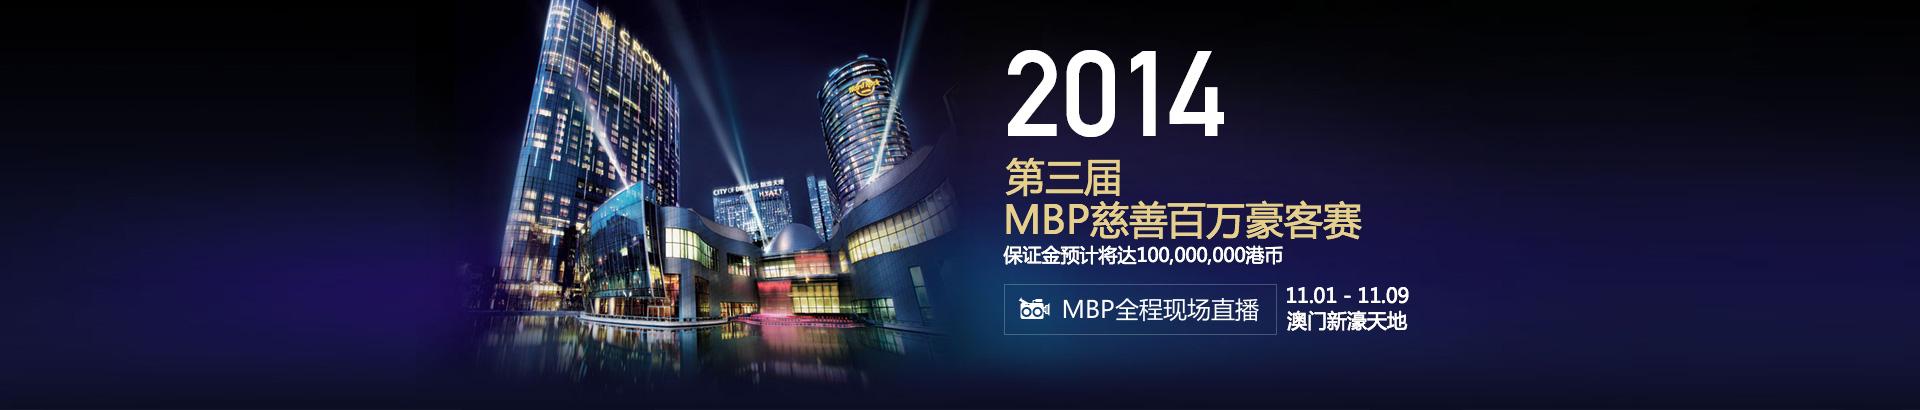 MBP百万慈善赛预计总奖金达1亿港币